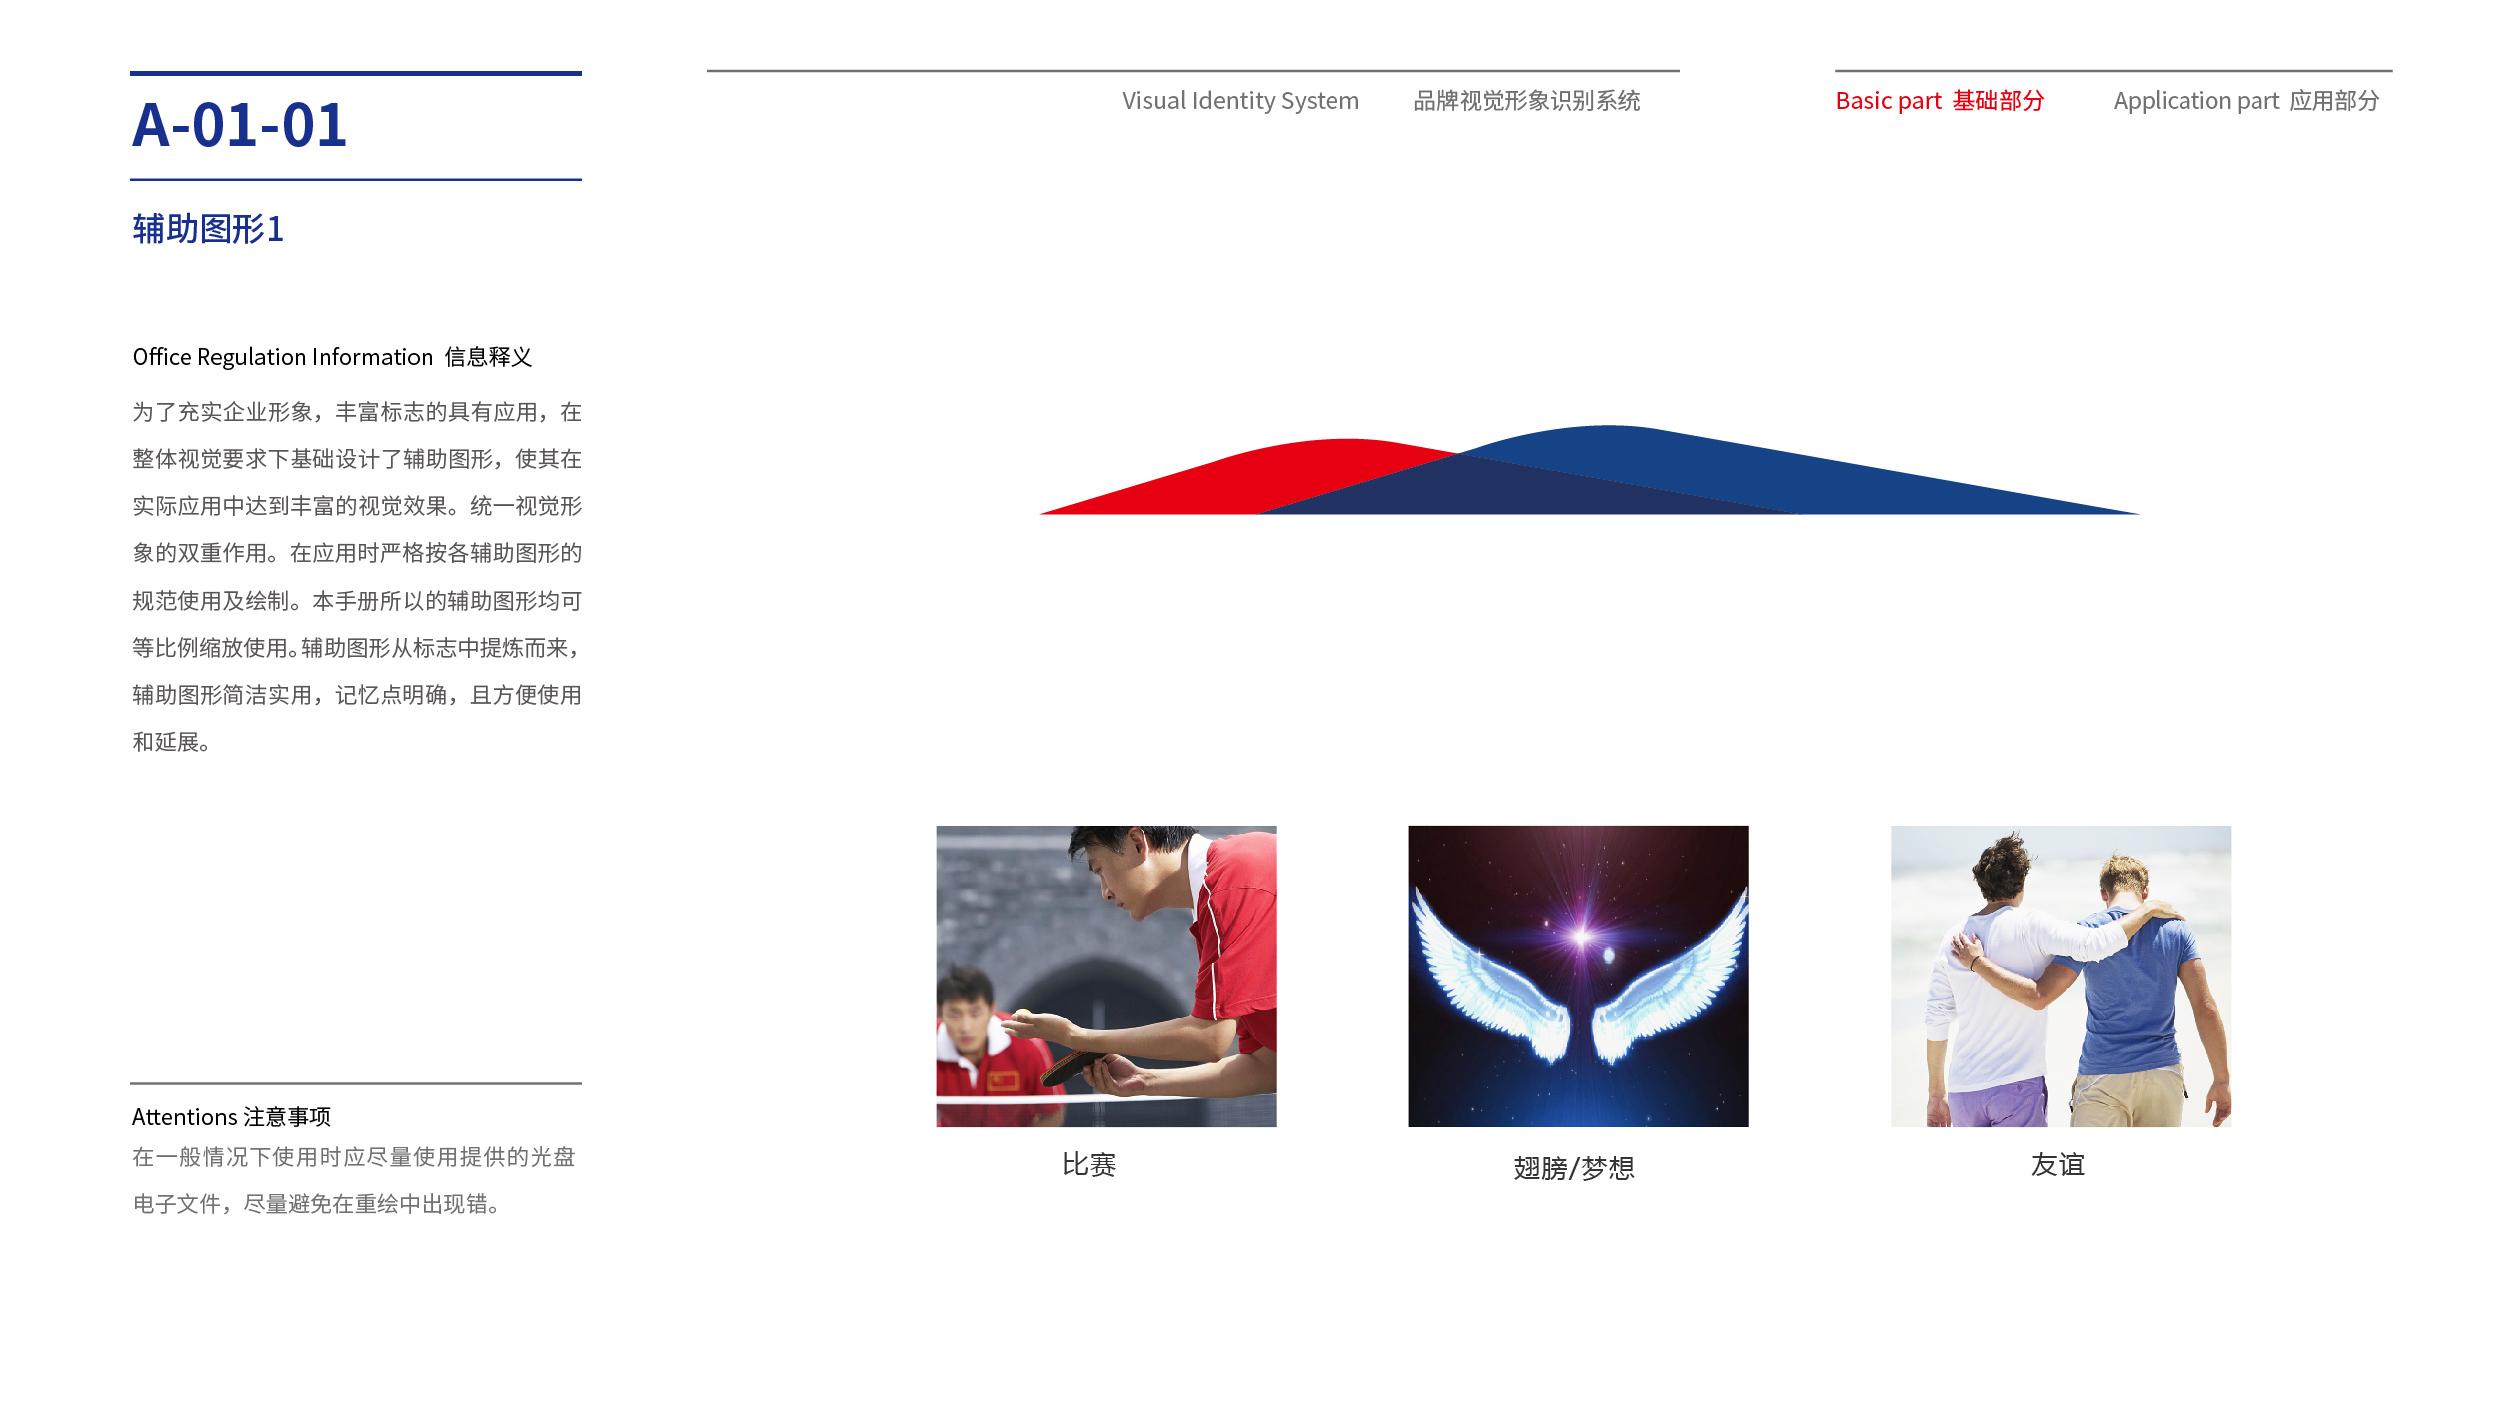 2018年大众乒乓球段位制联赛VI设计